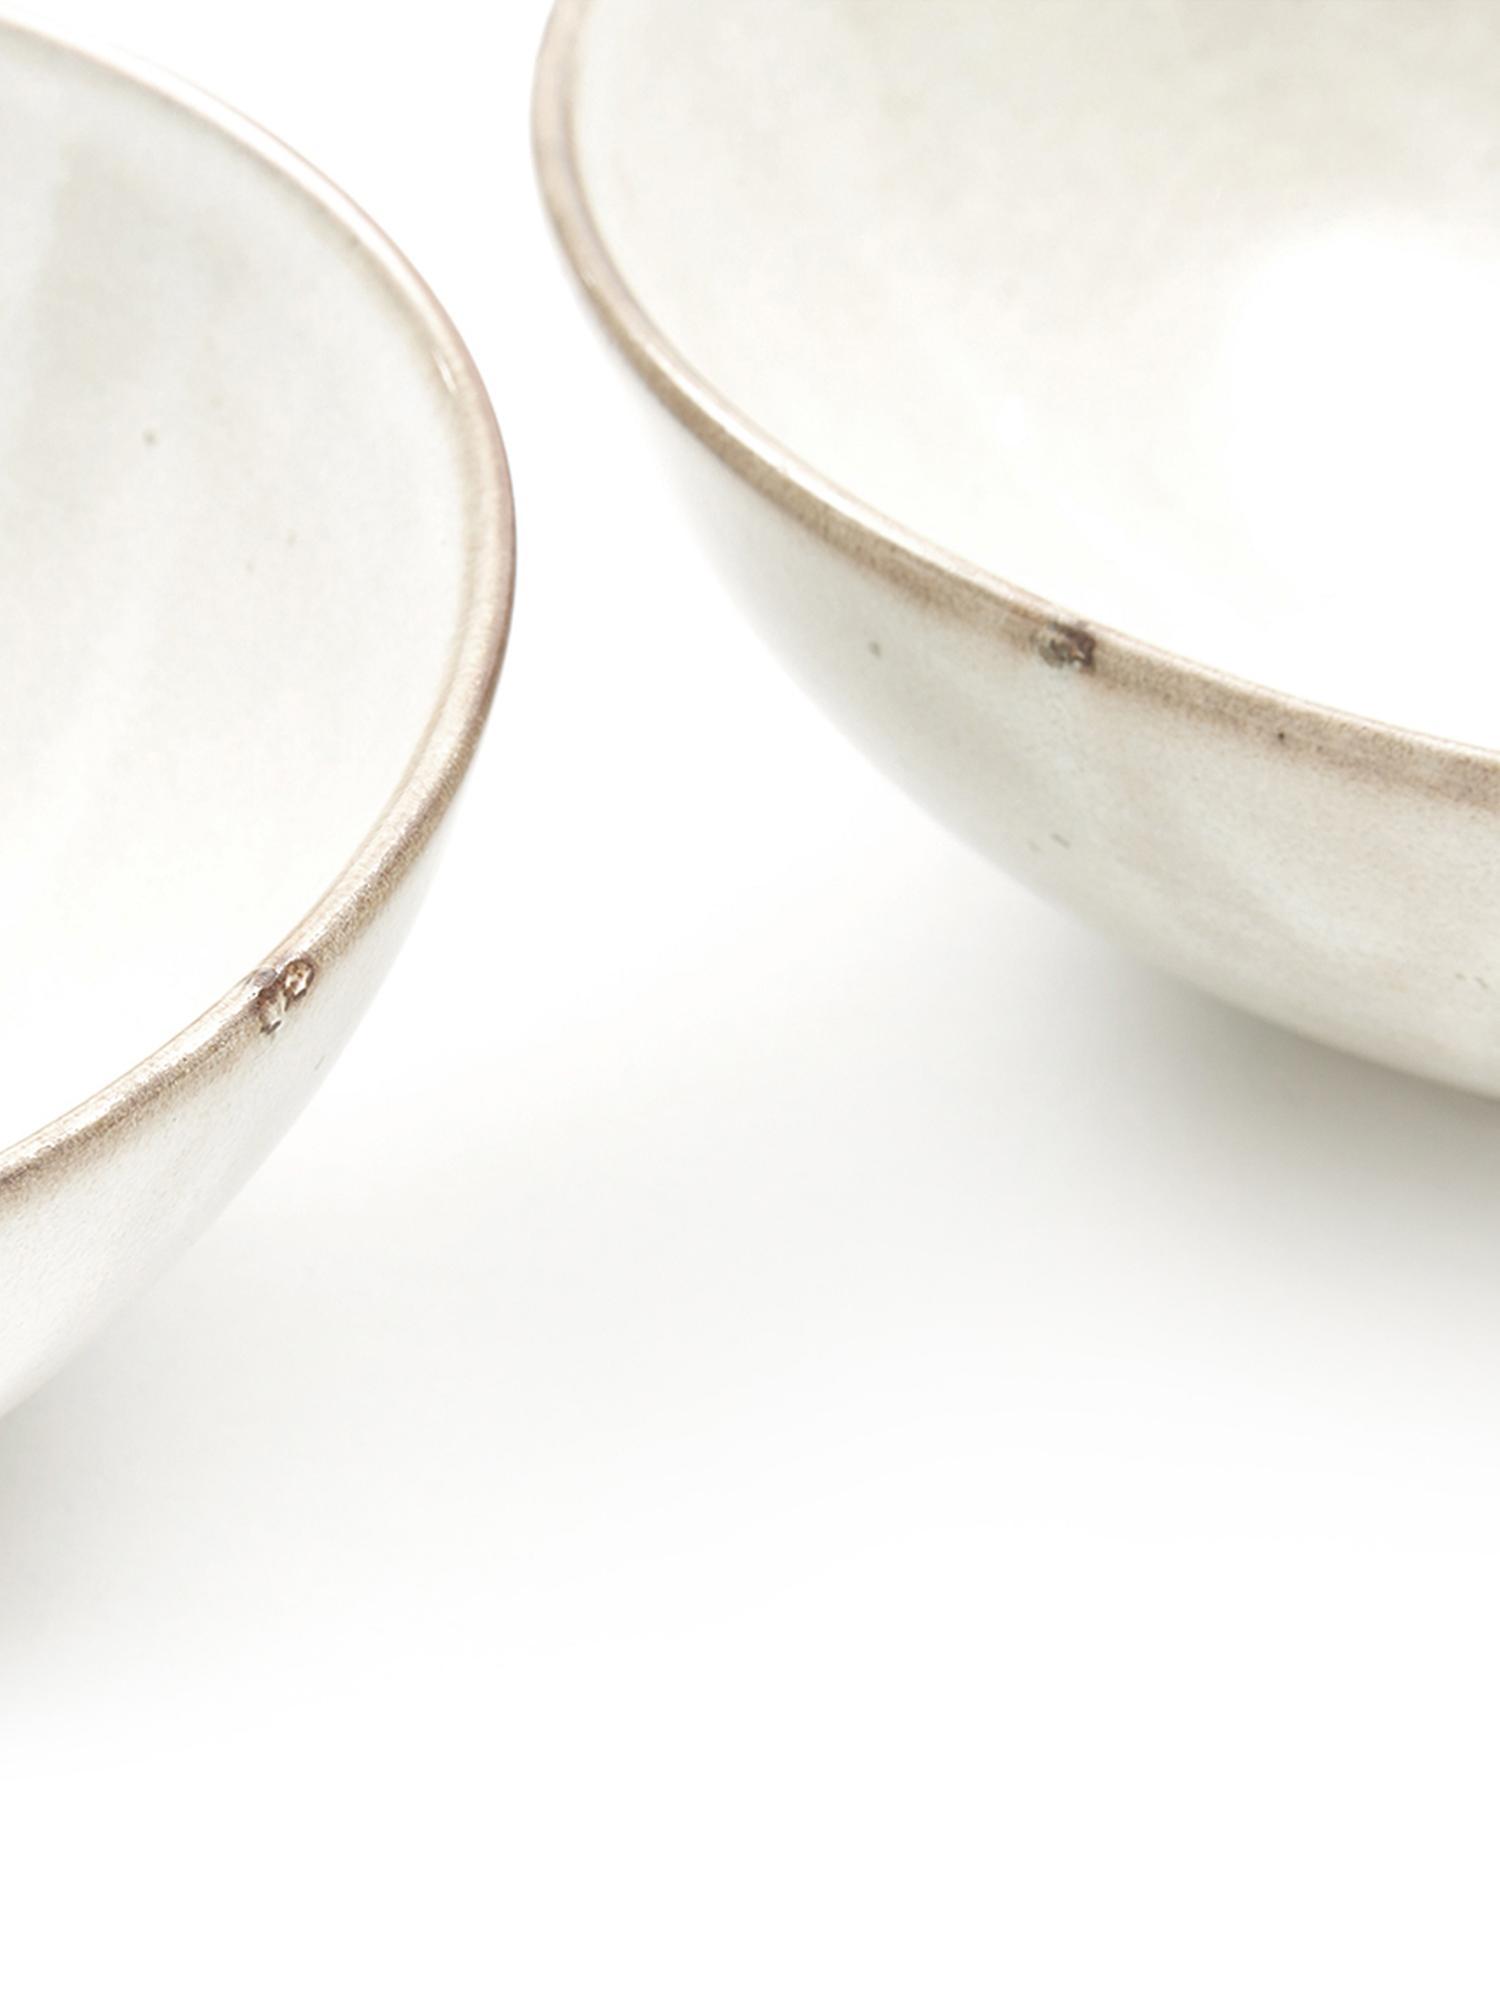 Handgemachte Schalen Thalia in Beige, 2 Stück, Steingut, Beige, Ø 18 x H 6 cm